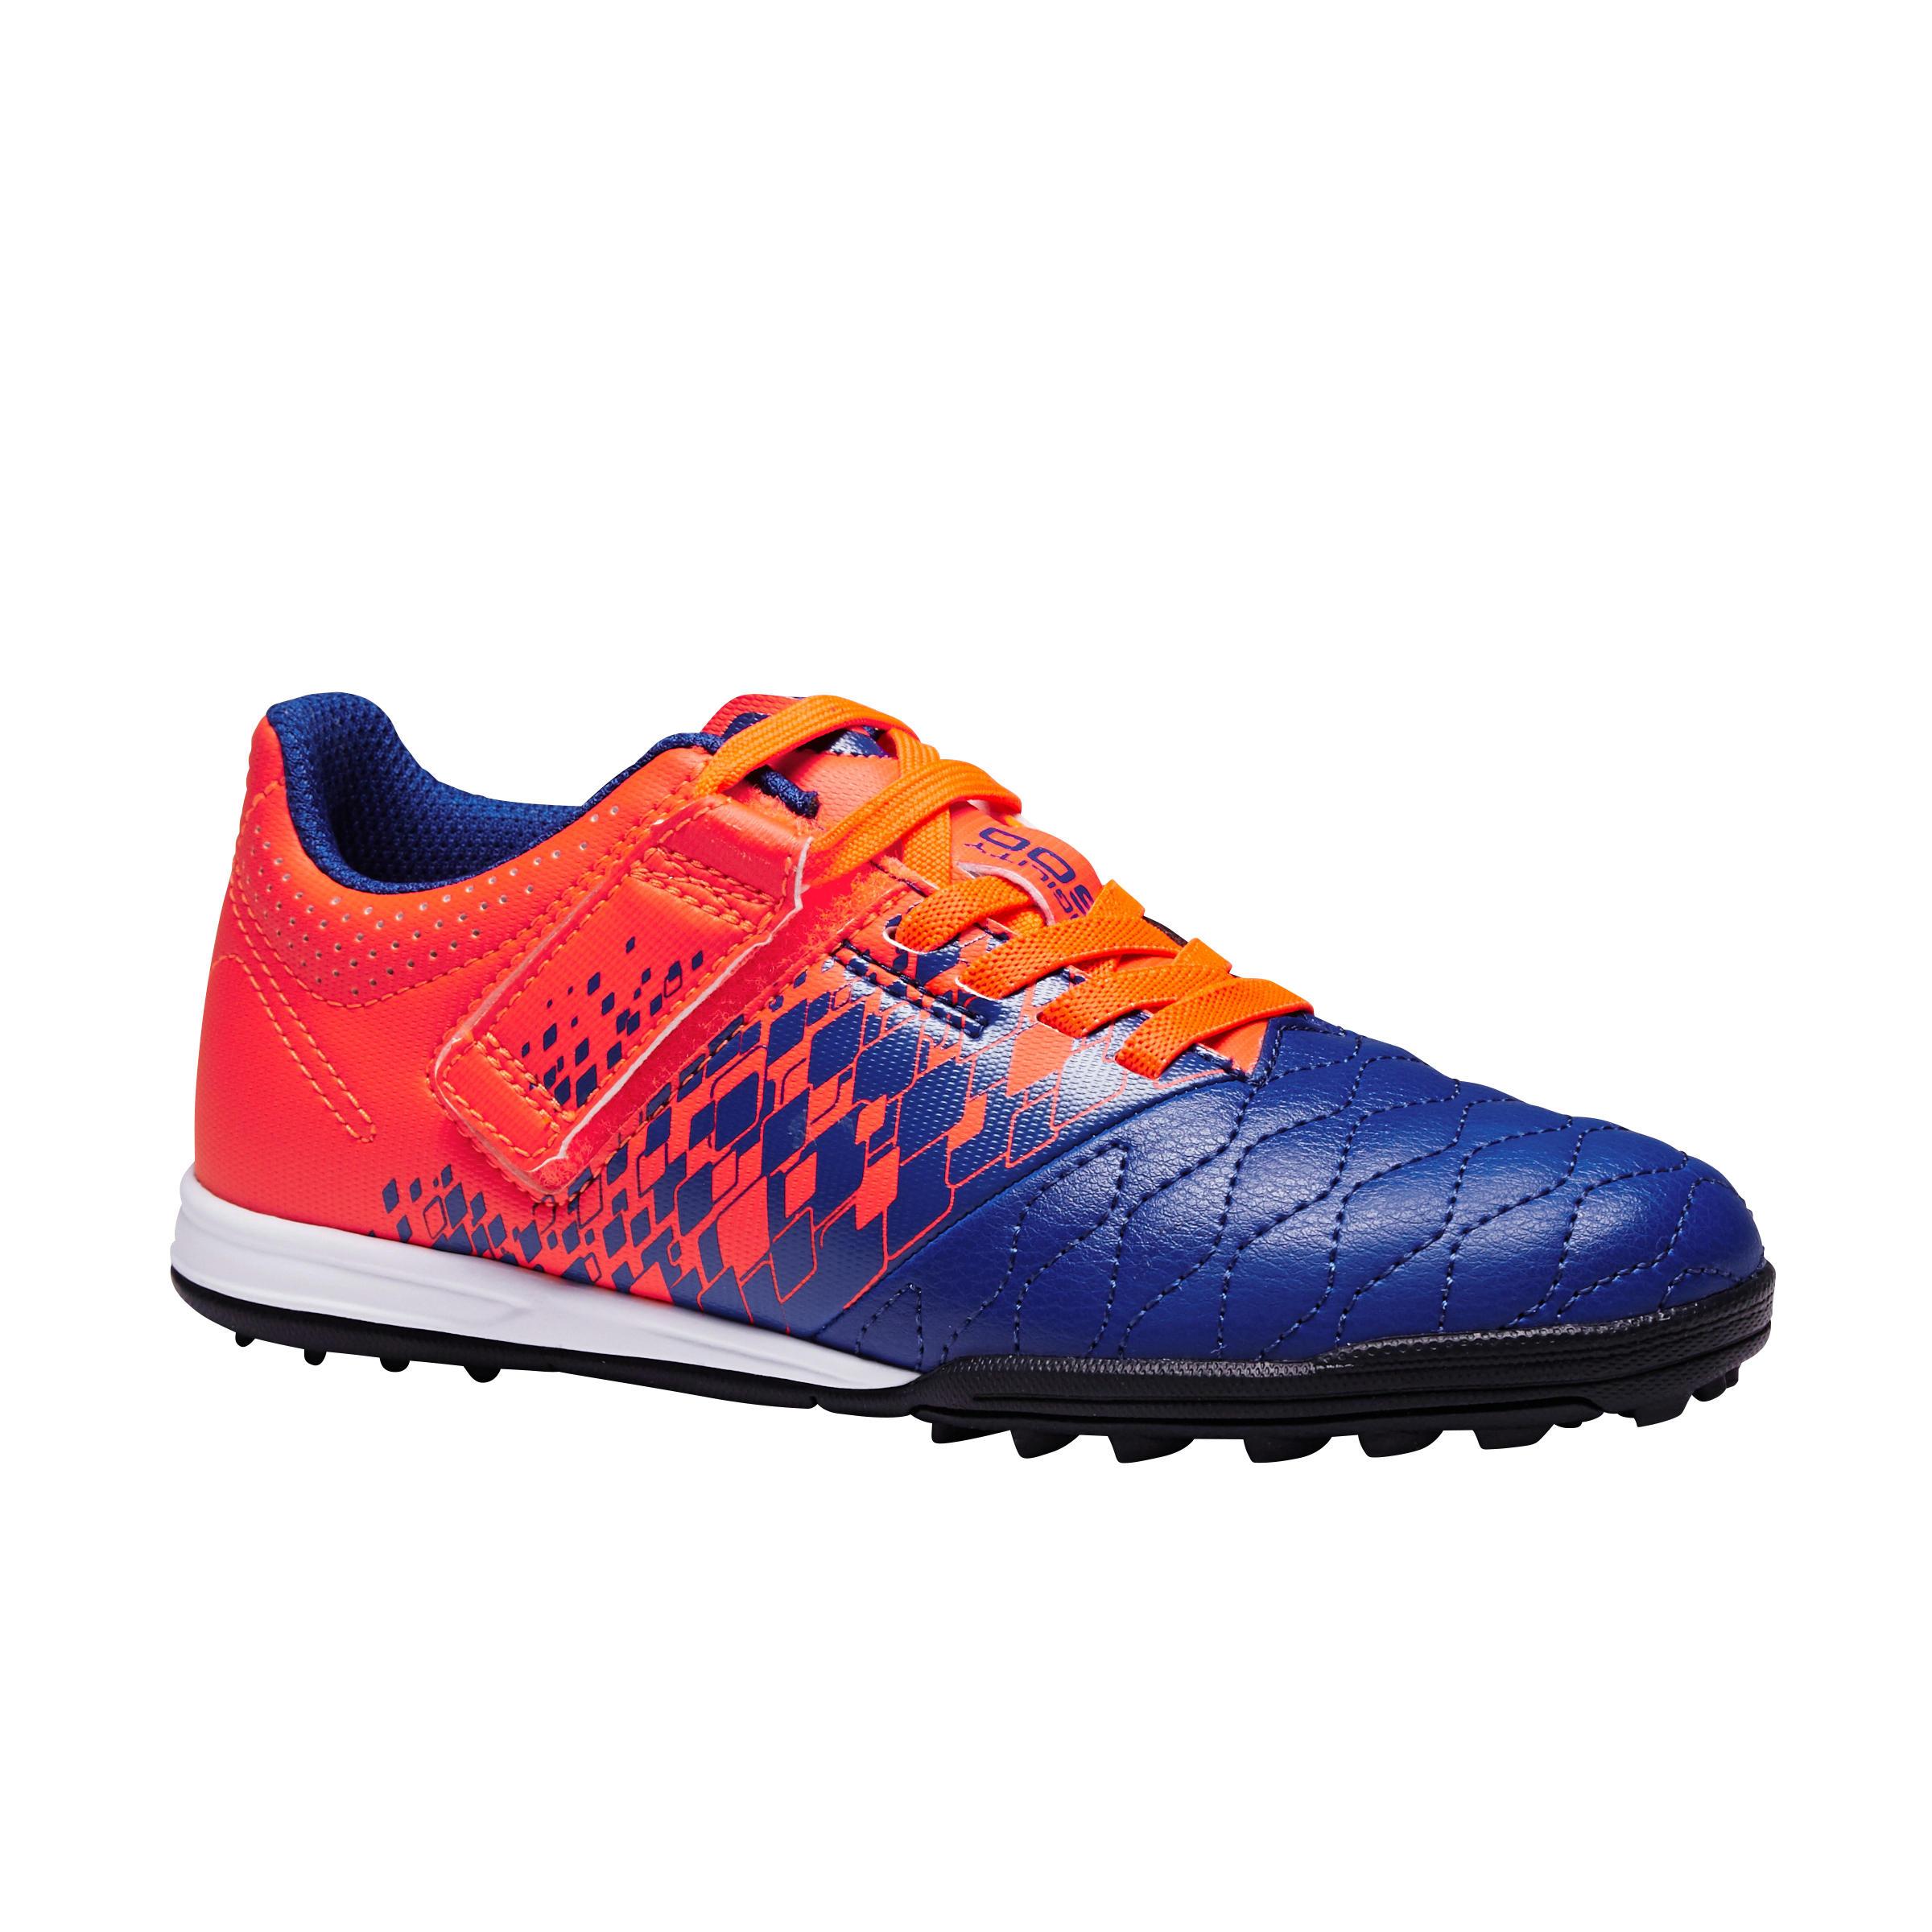 Agility 500 HG Kids' Hard Pitch Hook & Loop Soccer Shoes - Blue/Orange